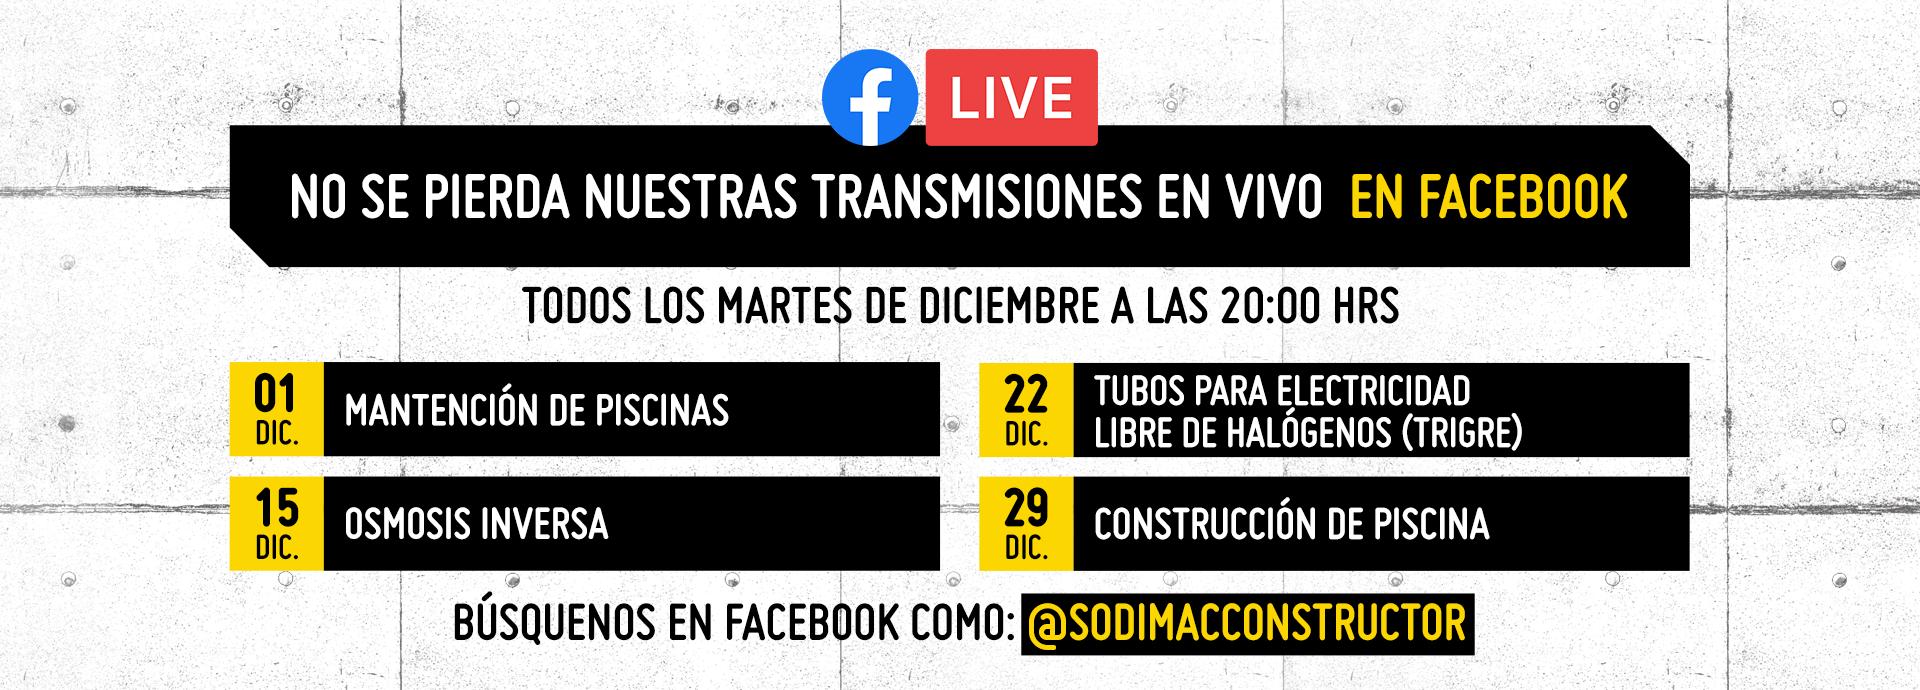 transmisión facebook